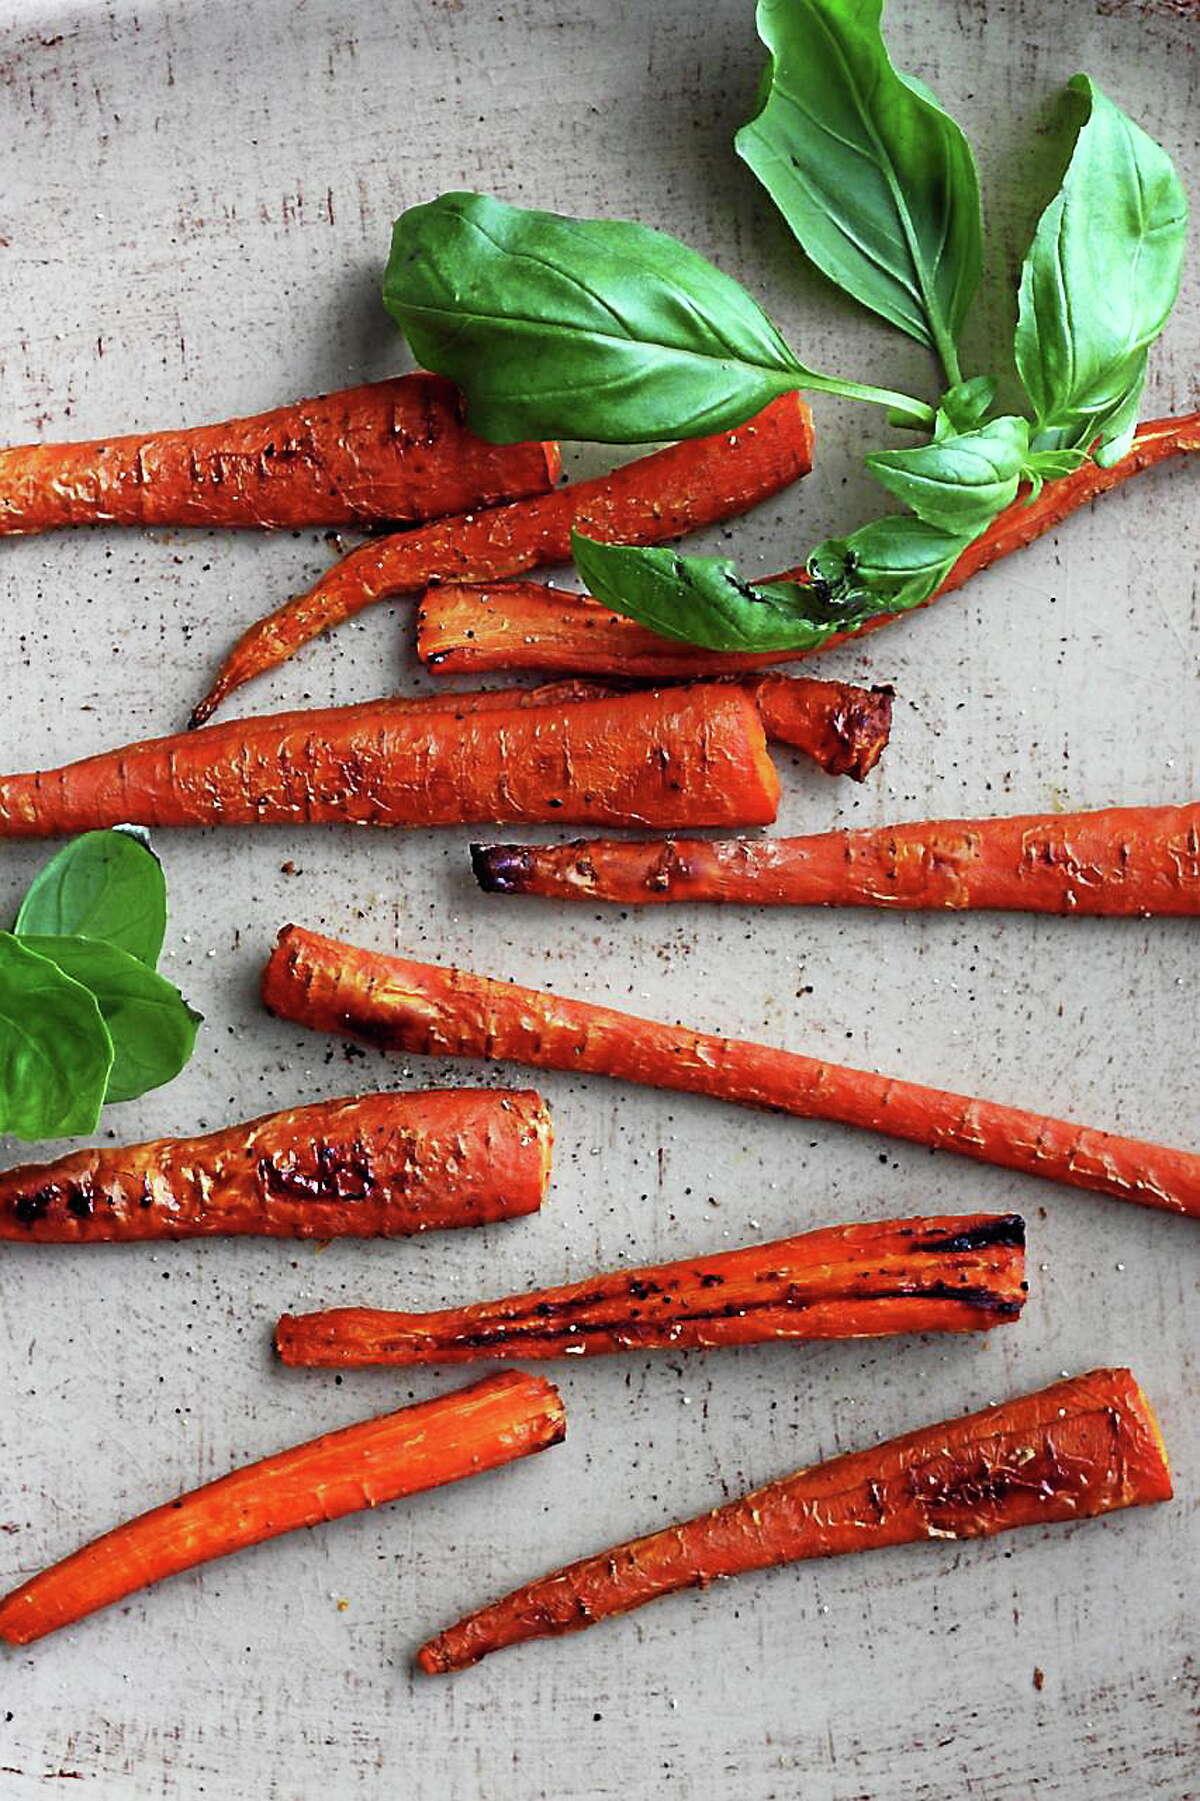 I.O.N. Restaurant Carrot fries.